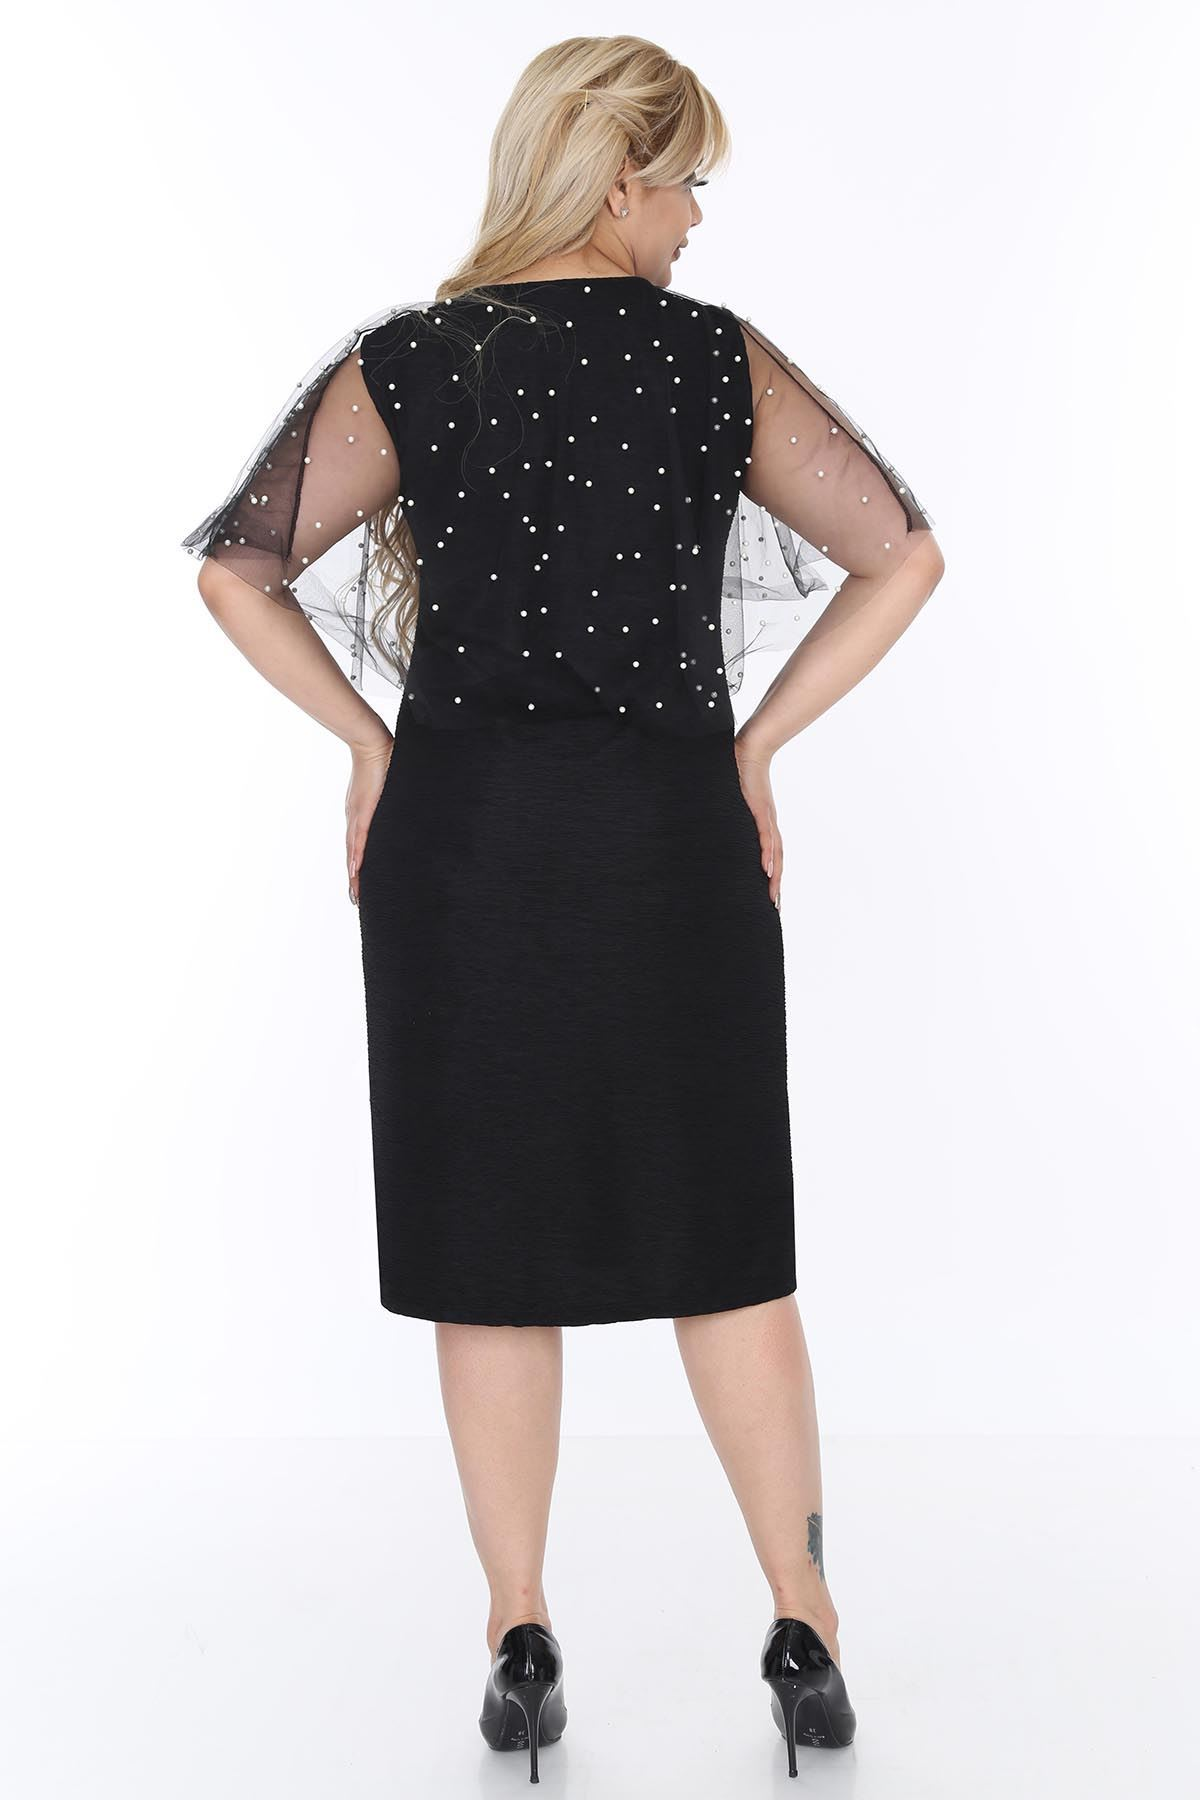 İncili Şallı Büyük Beden Elbise 20L-0504